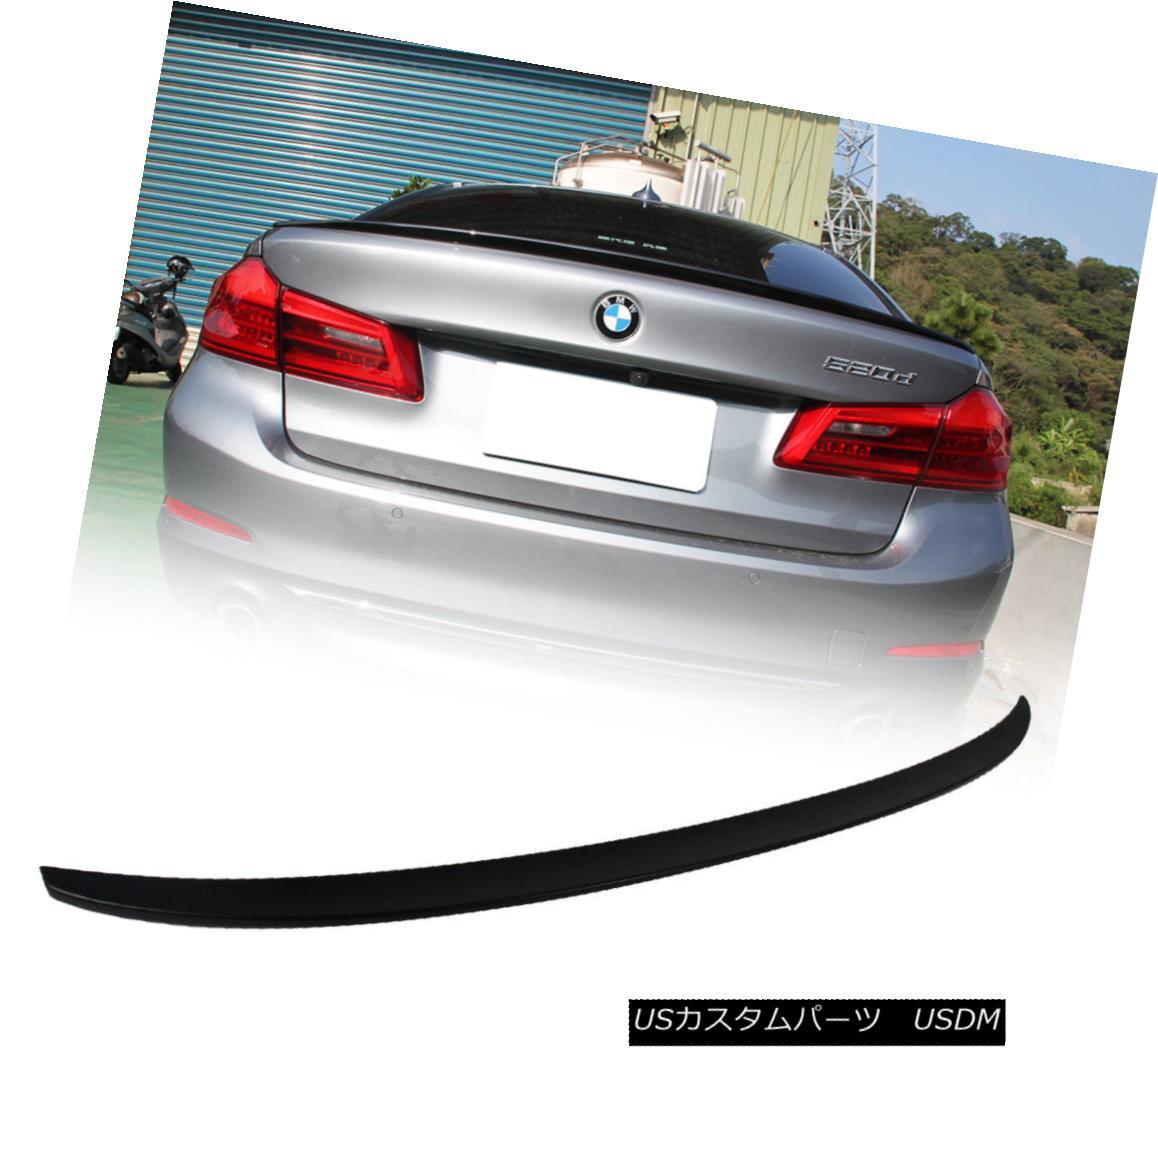 エアロパーツ Fast Ship~ M5 Type Rear Trunk Boot Spoiler Unpaint For BMW 5-Ser G30 Sedan 2018 ファストシップ?BMW 5シリーズG30セダン2018用未塗装M5タイプリアトランク・ブーツ・スポイラー